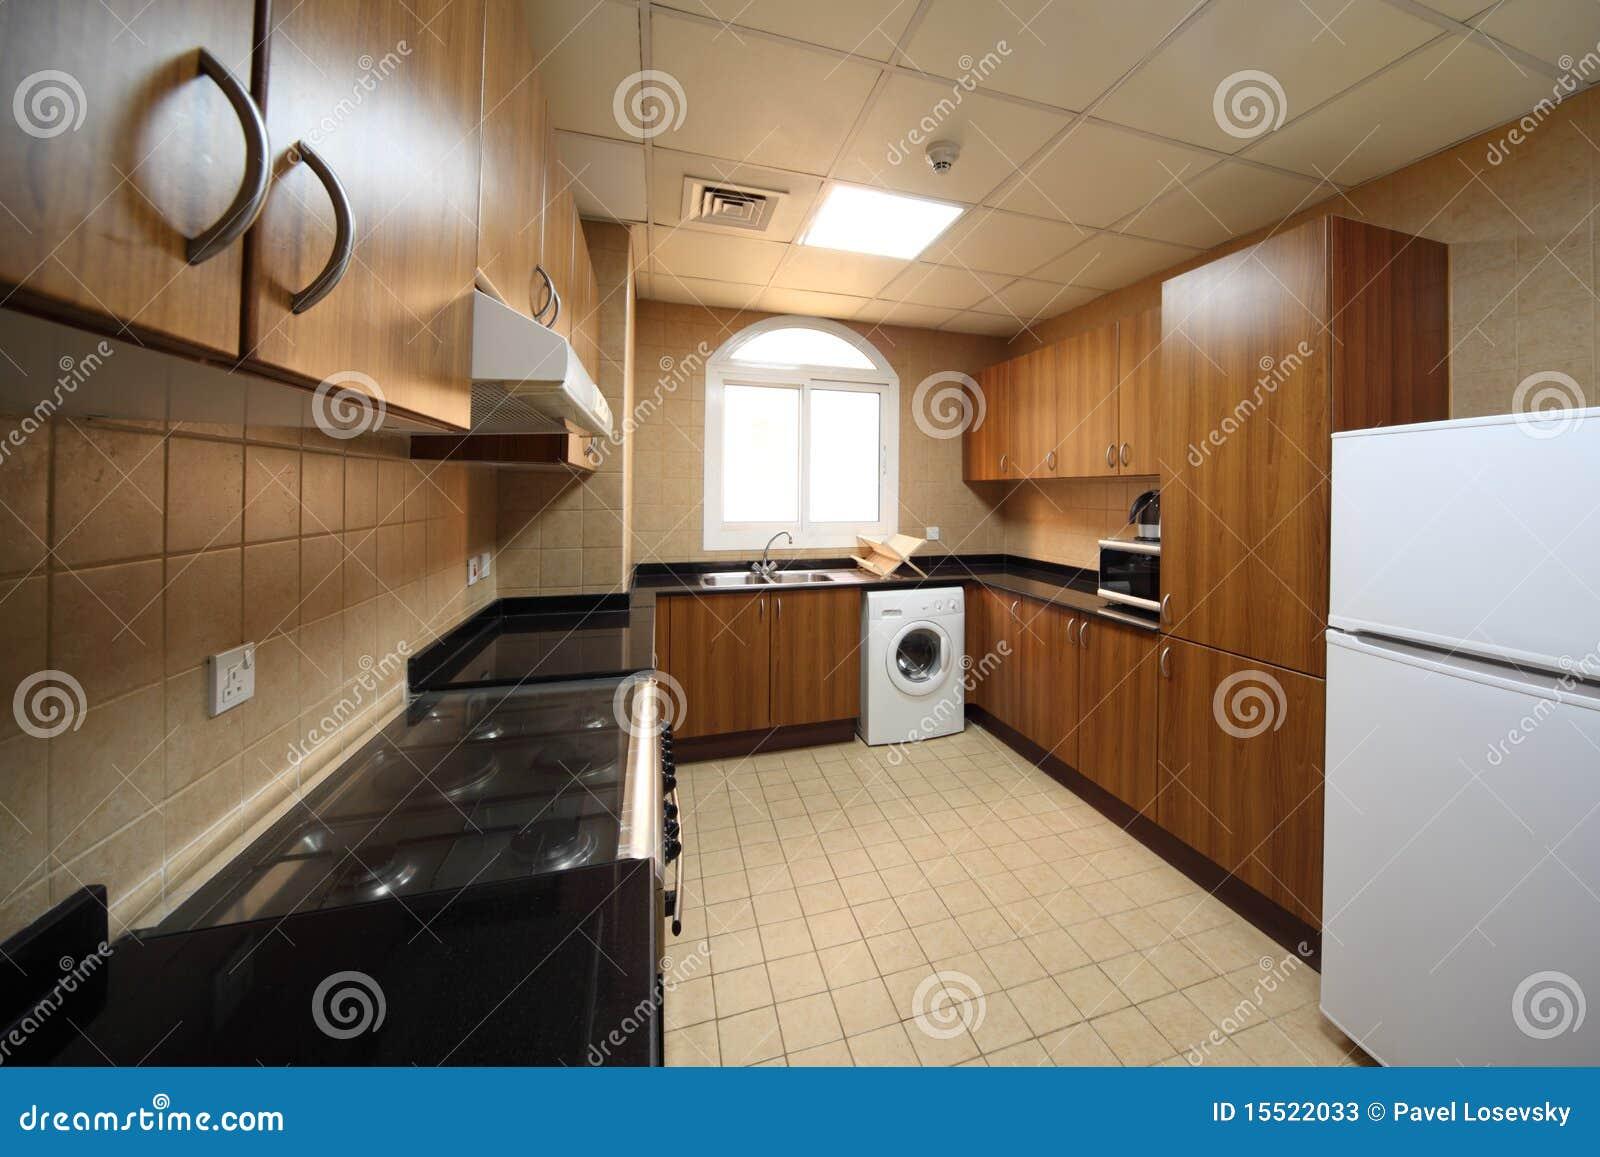 Cucina con gli armadietti la lavatrice ed il frigorifero - Lavatrice in cucina ...